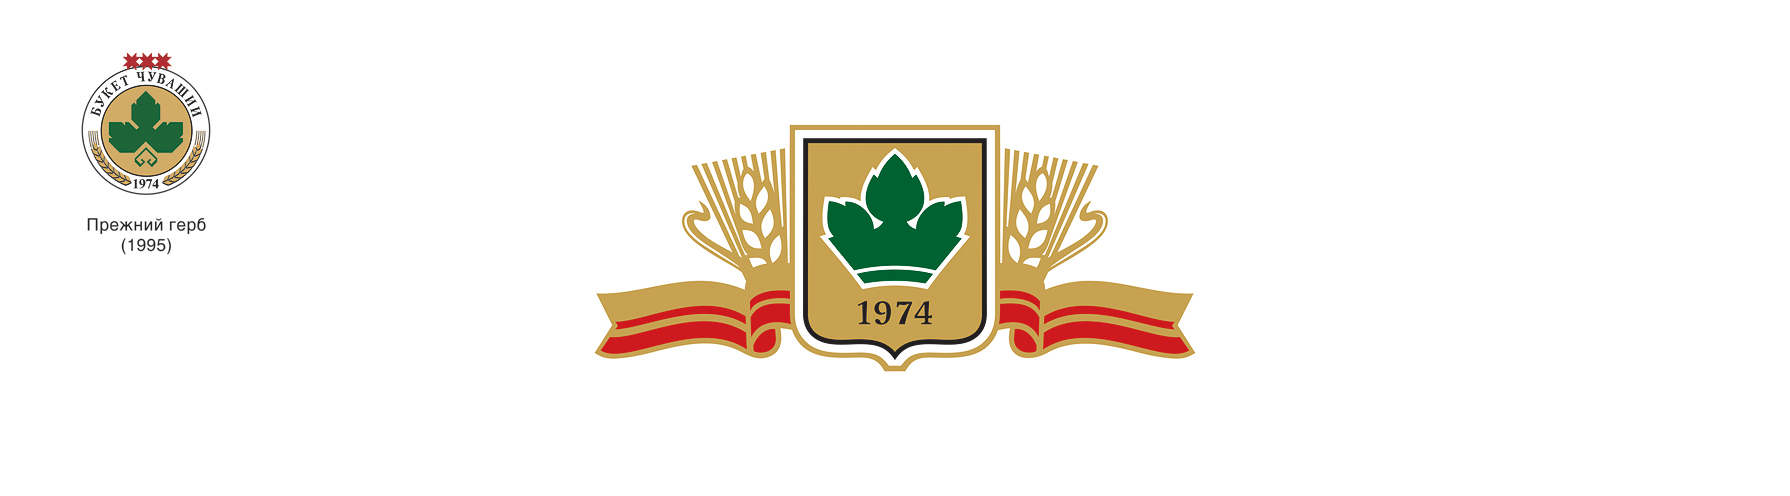 Герб логотип пиво Букет Чувашии